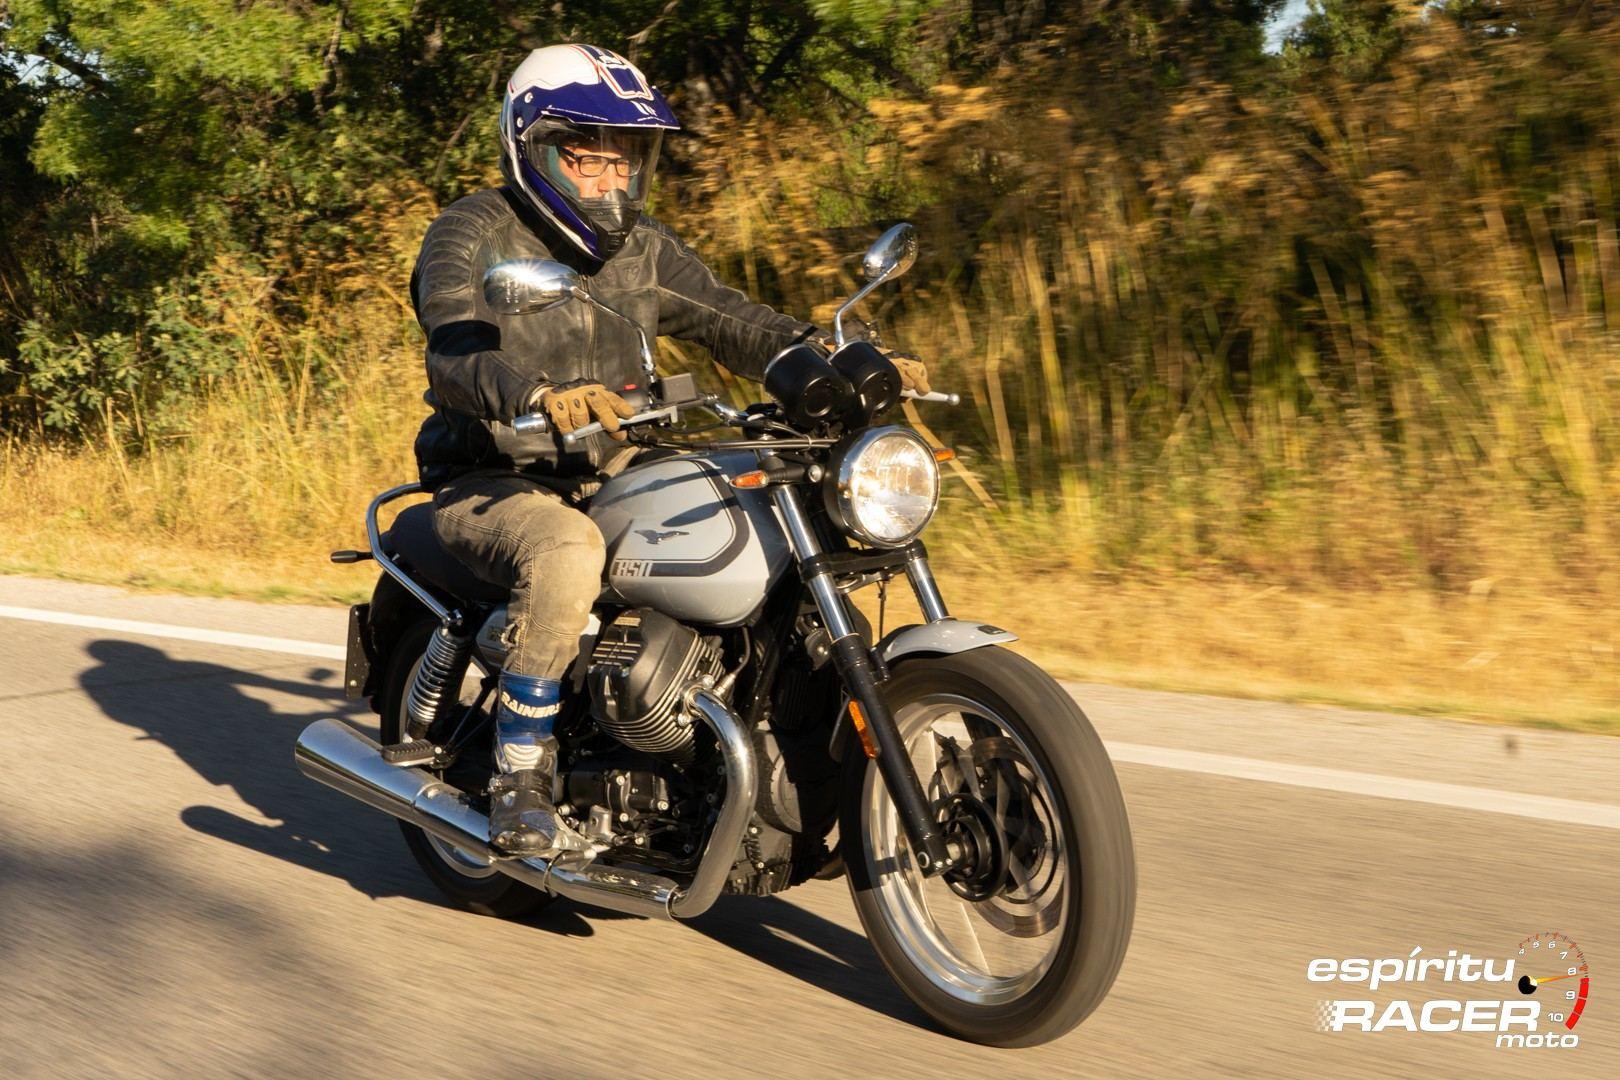 Prueba: Moto Guzzi V7 850 Special